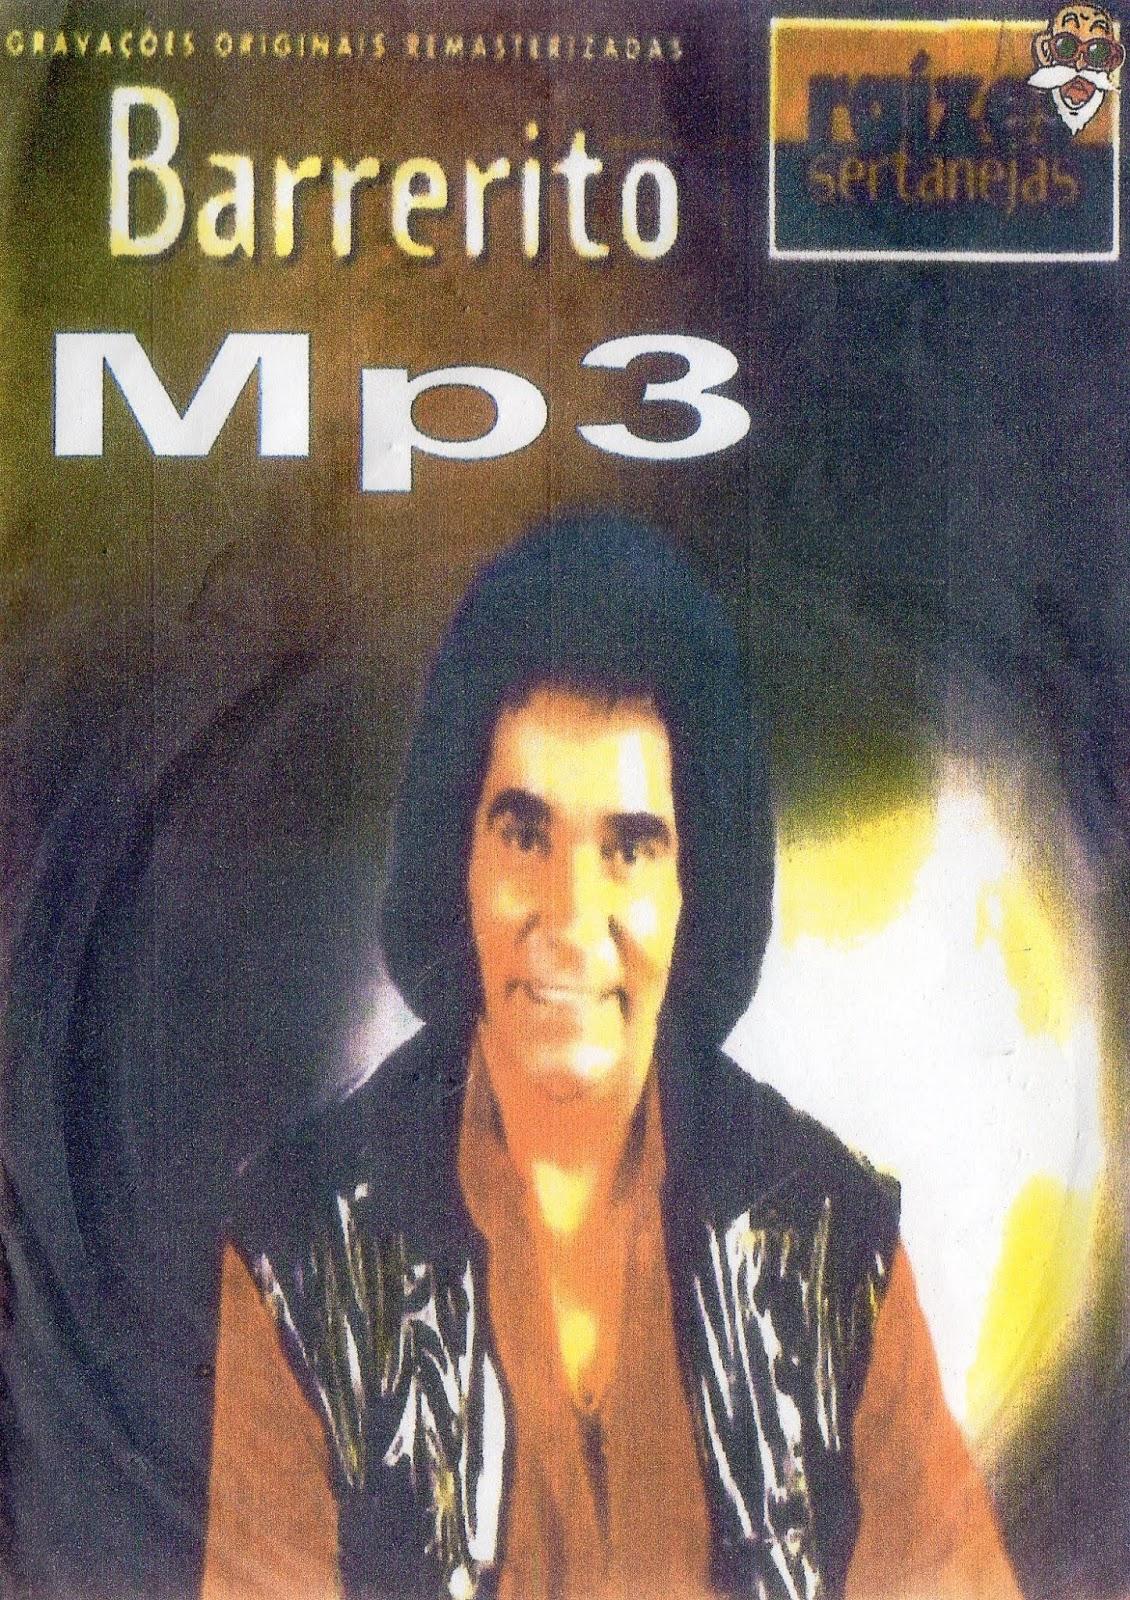 cds completos gratis barrerito